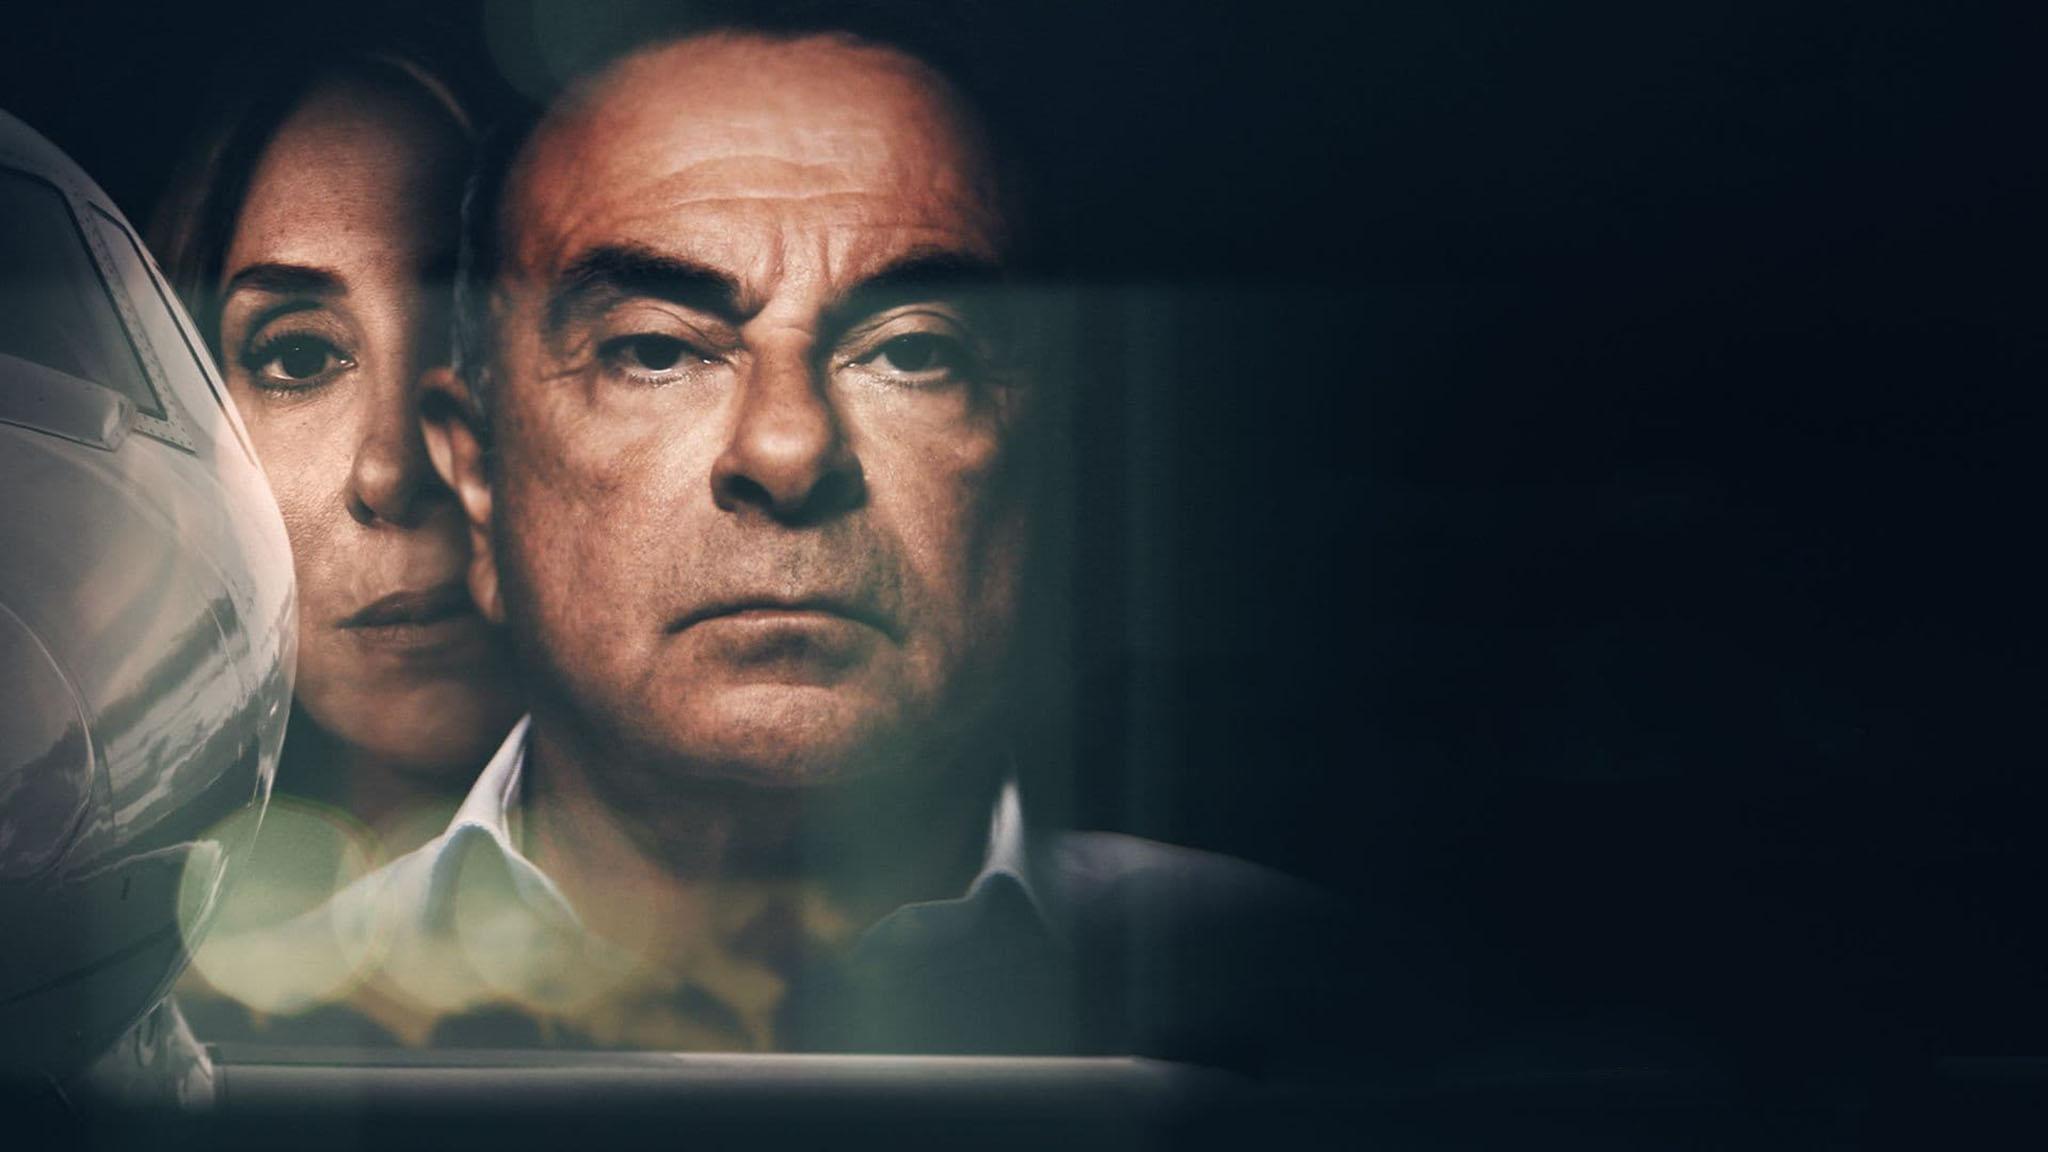 فيلم كارلوس غصن: الرحلة الاخيرة 2021